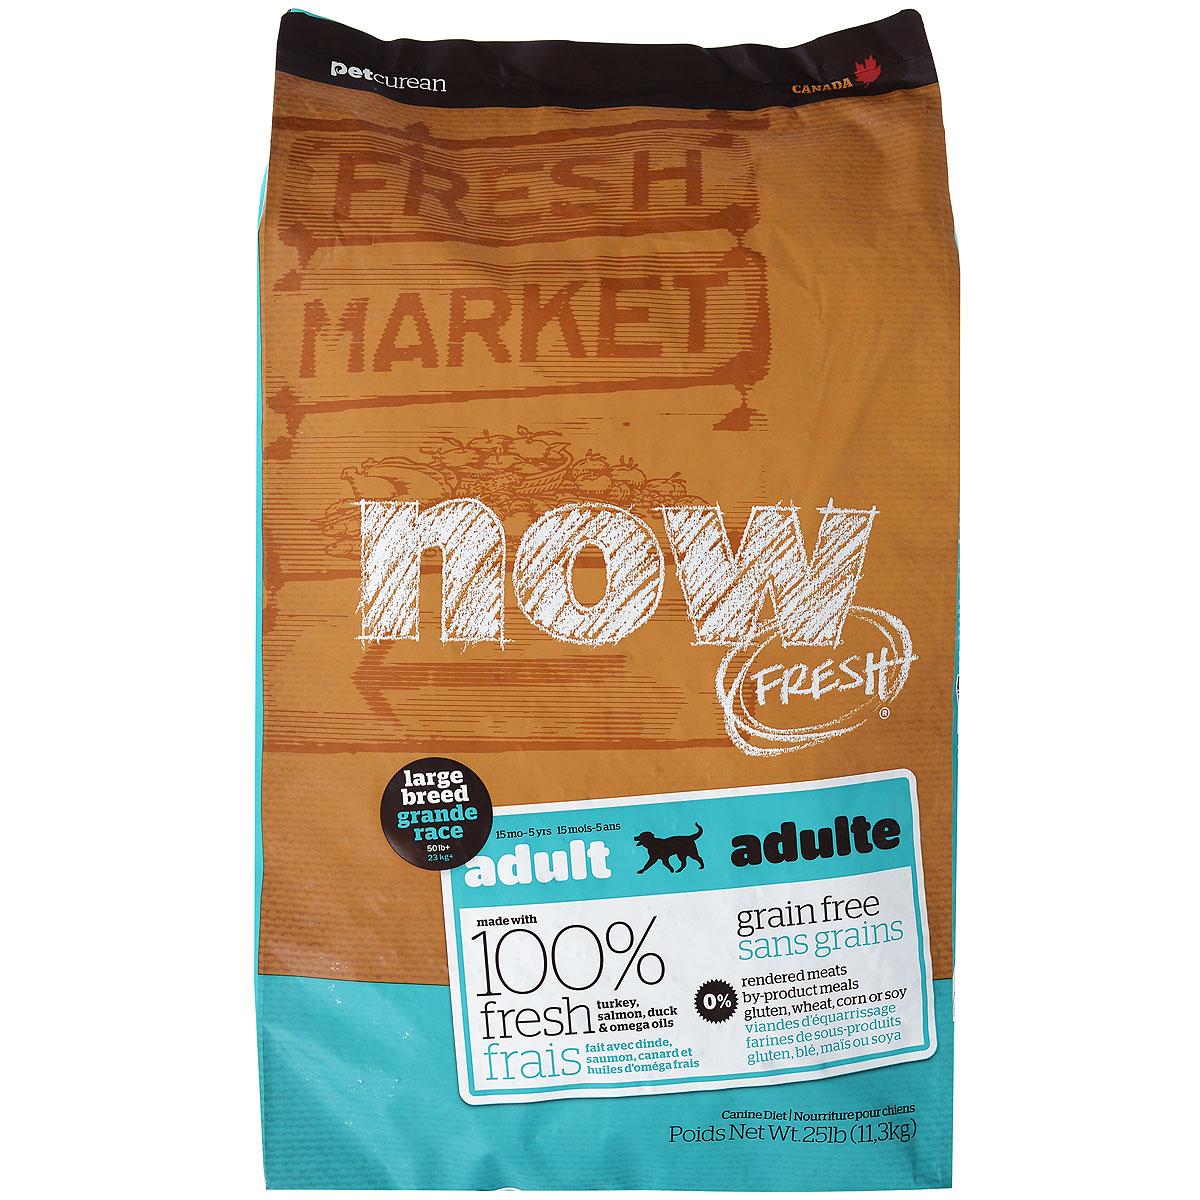 Корм сухой Now Fresh для взрослых собак крупных пород, беззерновой, с индейкой, уткой и овощами, 11,3 кг10127Now Fresh - полностью сбалансированный холистик корм для взрослых собак крупных пород с 15 месяцев до 5 лет из филе индейки и утки, выращенных на канадских фермах, из лосося без костей, выловленного в озерах Британской Колумбии. При производстве кормов используется только свежее мясо индейки, утки, лосося, кокосовое и рапсовое масло. Это первый беззерновой корм с сбалансированным содержание белков и жиров, что помогает вашему животному оставаться здоровым и сохранять отличную форму. Ключевые преимущества: - не содержит субпродуктов, красителей, говядины, мясных ингредиентов, выращенных на гормонах, - новозеландские зеленые мидии, глюкозамин и хондроитин способствуют здоровью суставов, - L-карнитин и таурин необходимы для здоровья сердечно-сосудистой системы, - пробиотики и пребиотики обеспечивают здоровое пищеварение, - омега-масла в составе необходимы для здоровой кожи и шерсти, - антиоксиданты укрепляют иммунную систему. Состав: филе индейки, свежие цельные яйца, картофель, горох, картофельная мука, тапиока, натуральный ароматизатор, утиное филе, филе лосося, семена льна, яблоки, сладкий картофель, фосфат кальция, рапсовое масло, кокосовое масло (источники витамина Е), люцерна, морковь, тыква, бананы, черника, клюква, ежевика, папайя, чечевица, брокколи, шпинат, тыква, гранат, сухой корень цикория, сушеные водоросли, карбонат кальция, натрия , хлорид калия, витамины (витамин А, витамин D3, витамин Е, инозитол, ниацин, L-аскорбил-2-полифосфатов (источник витамина С), D-пантотенат кальция, мононитрат тиамина, бета-каротин, рибофлавин, пиридоксин гидрохлорид, фолиевая кислота, биотин, витамин В12), минералы (цинк метионин комплекс, цинка протеинат, железа протеинат, меди протеинат, оксид цинка, марганца протеинат, сульфат меди, сульфат железа, йодат кальция, оксид марганца, селена, дрожжи ), таурин, DL-метионин, L-лизин, экстракт водорослей, глюкозамин гидрохл